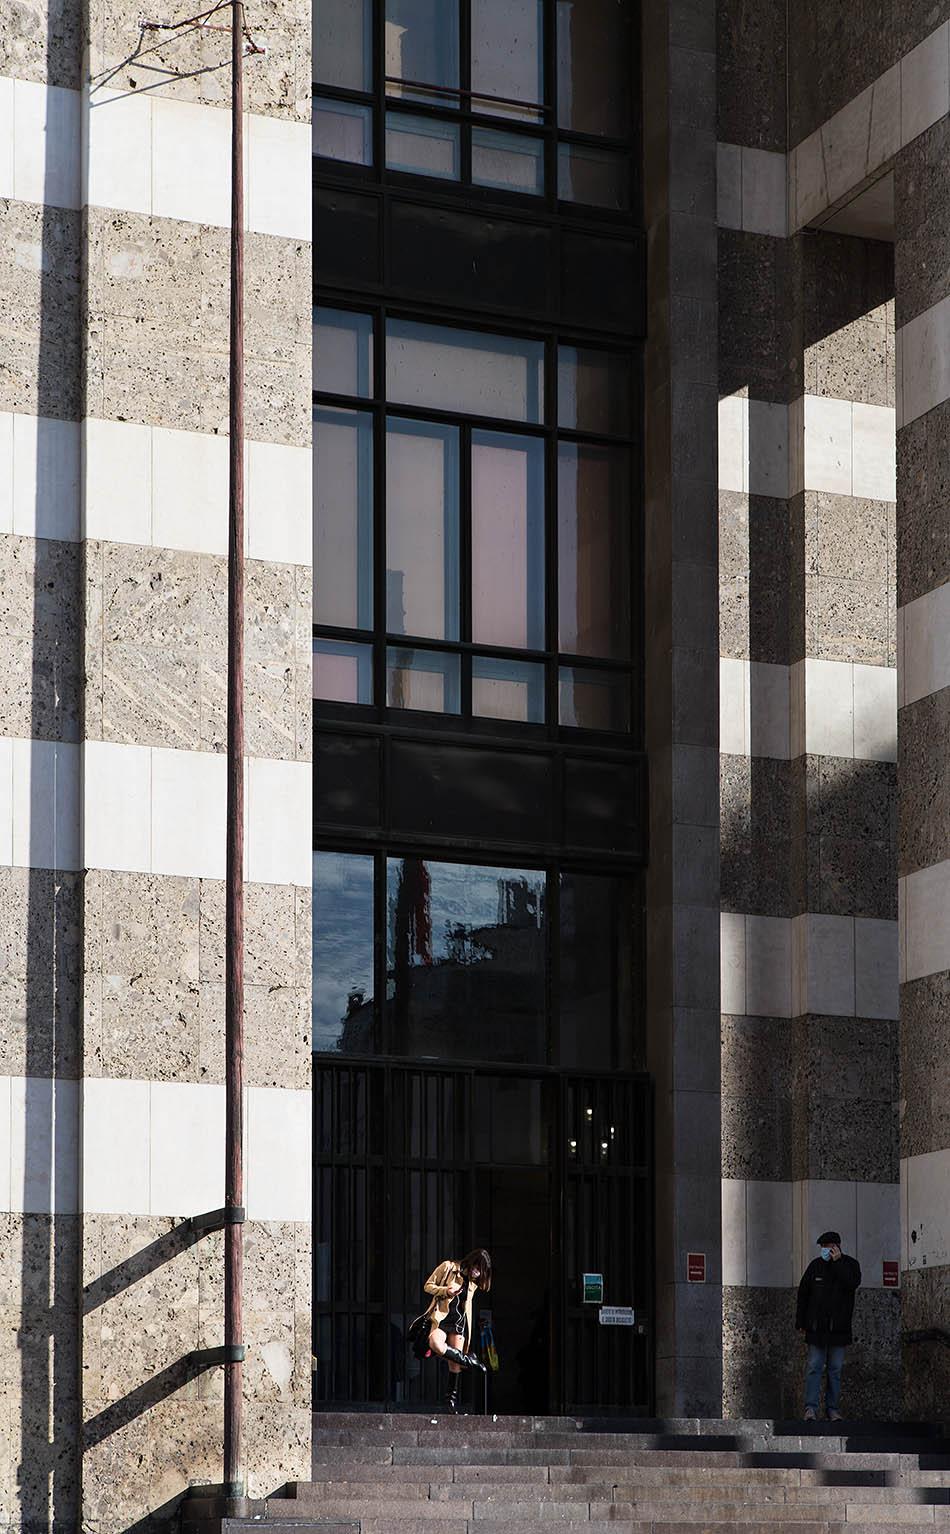 Fabian Fröhlich, Brescia, Palazzo delle Poste